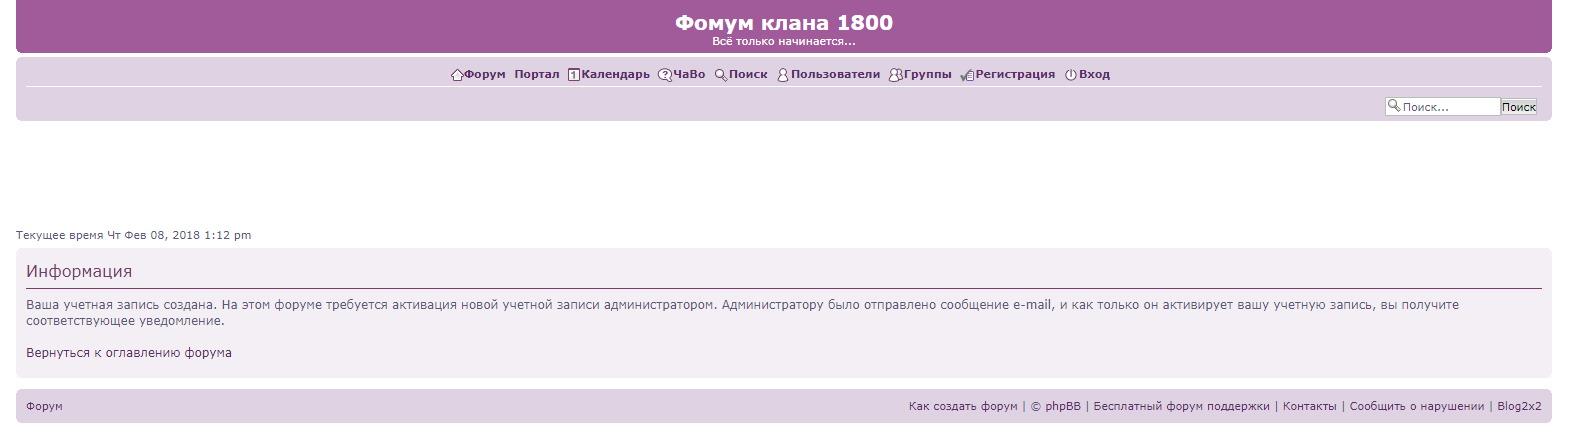 регистрация новых пользователей Image_20